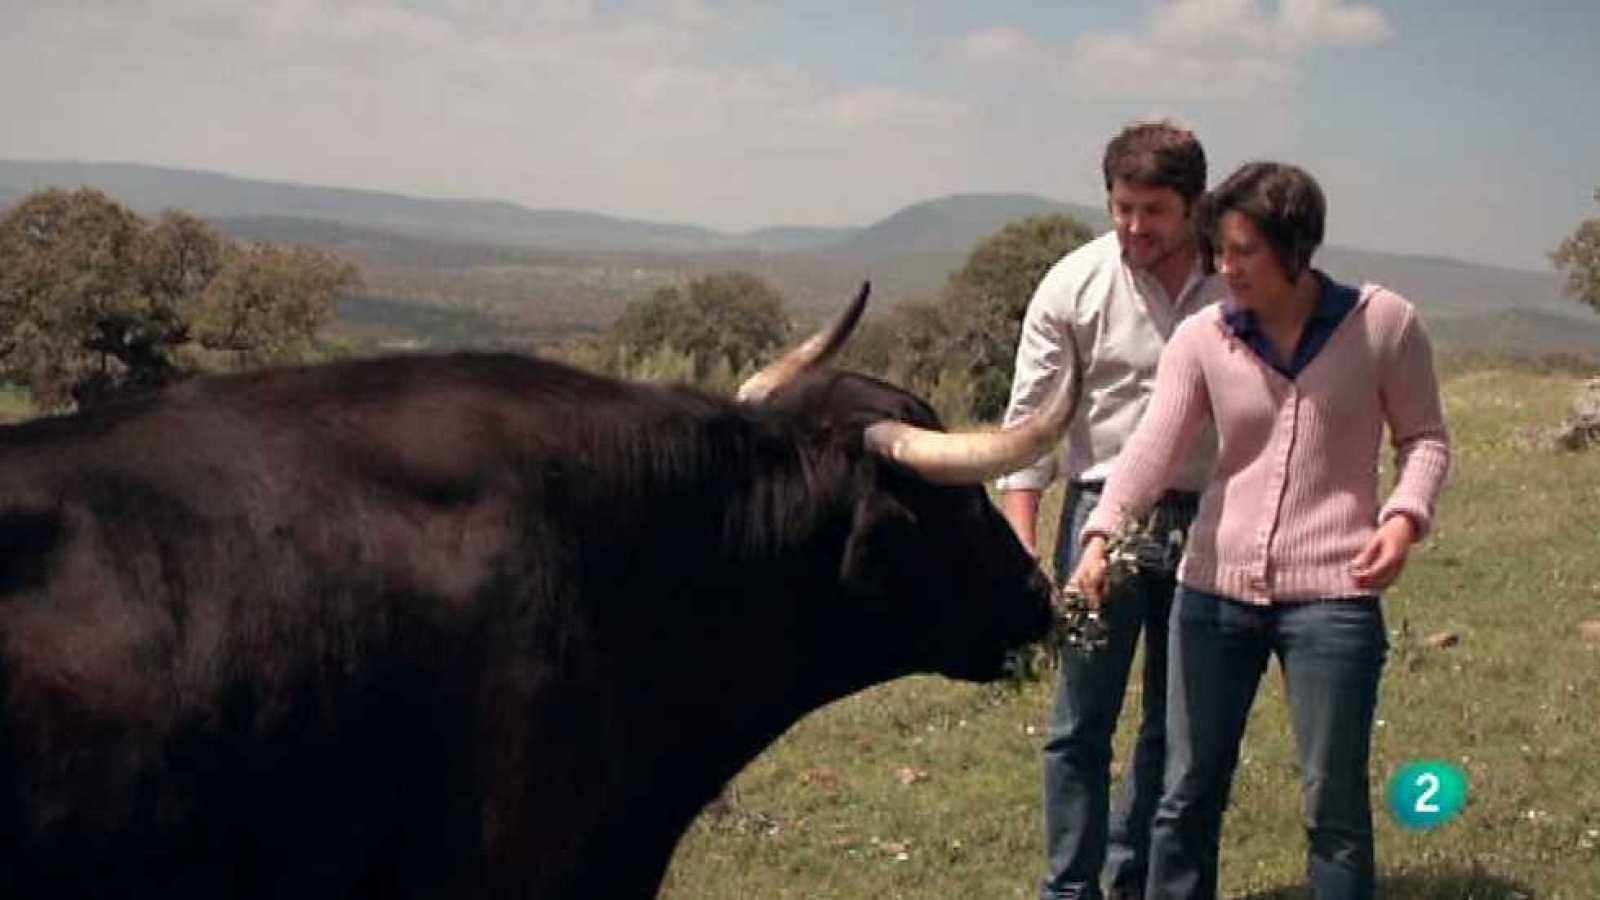 Con mis ojos - Extremadura - Ver ahora